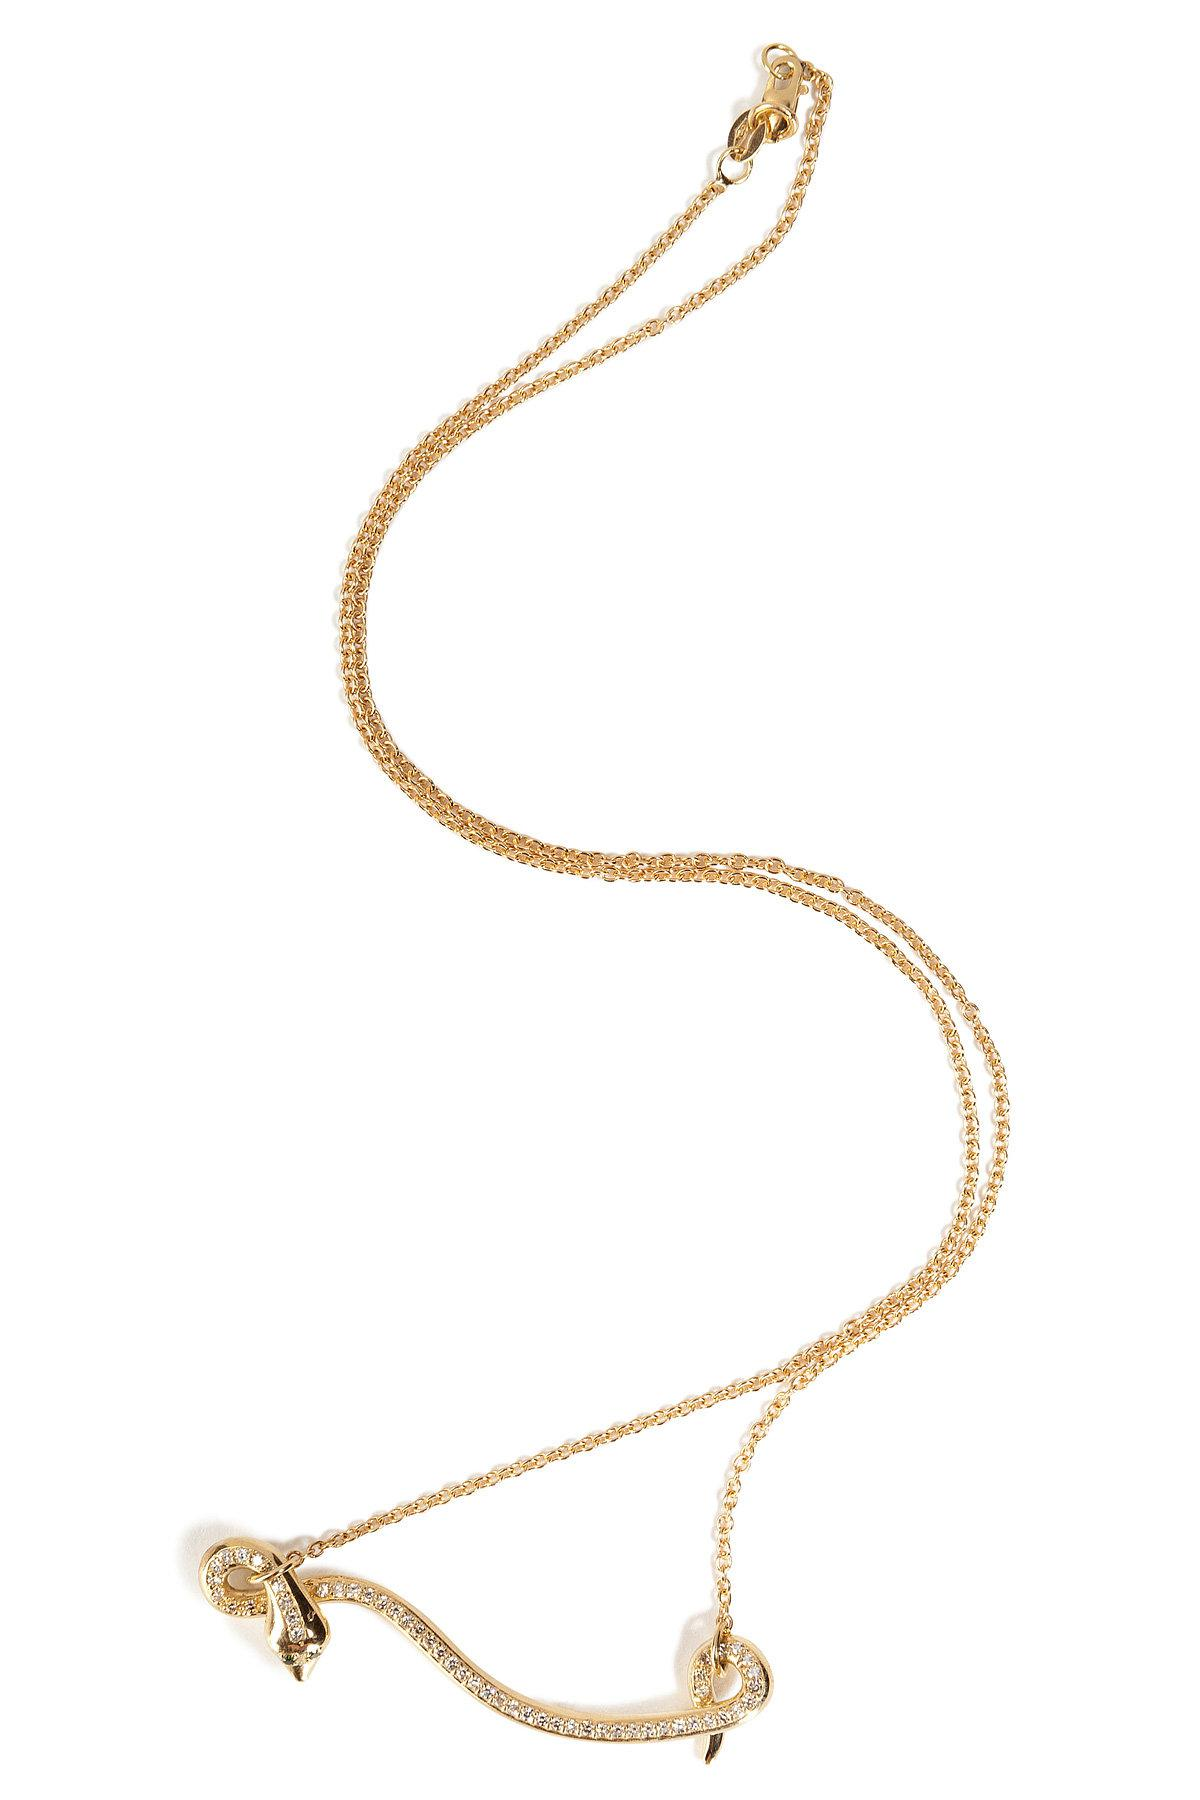 Diamond & yellow-gold necklace Ileana Makri 8dbxvWLZ4